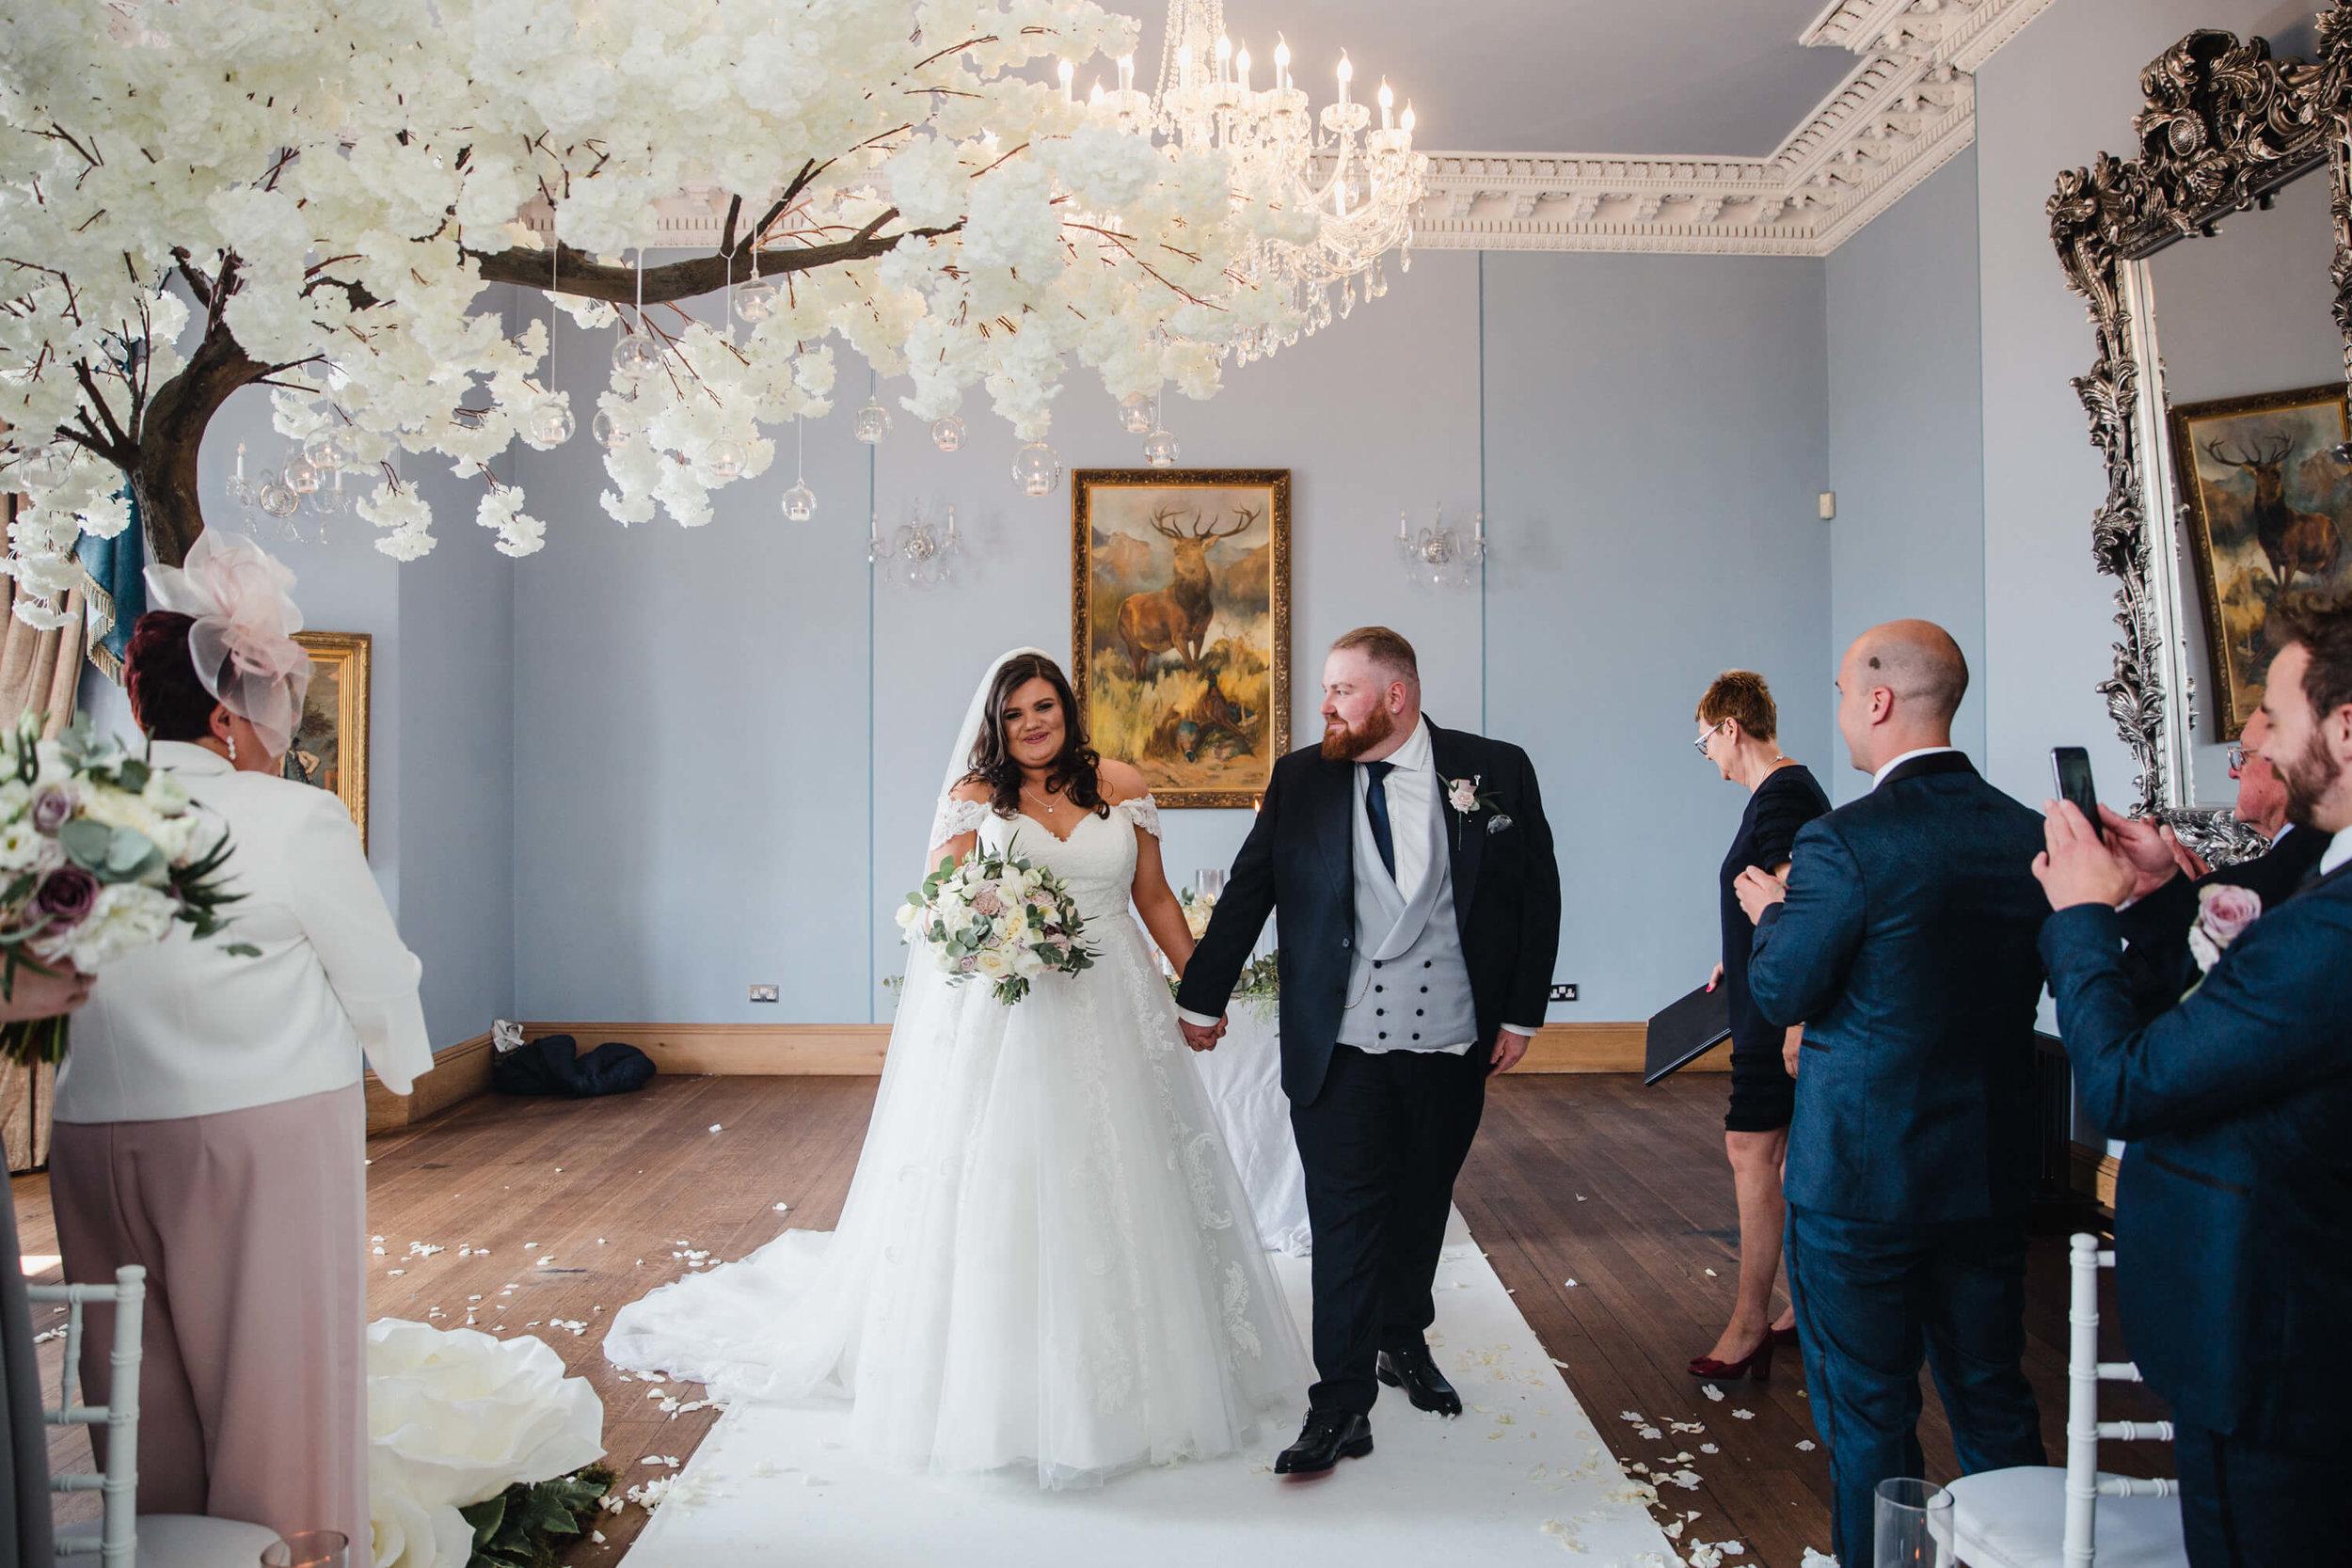 newlyweds walk down aisle as groom looks at bride